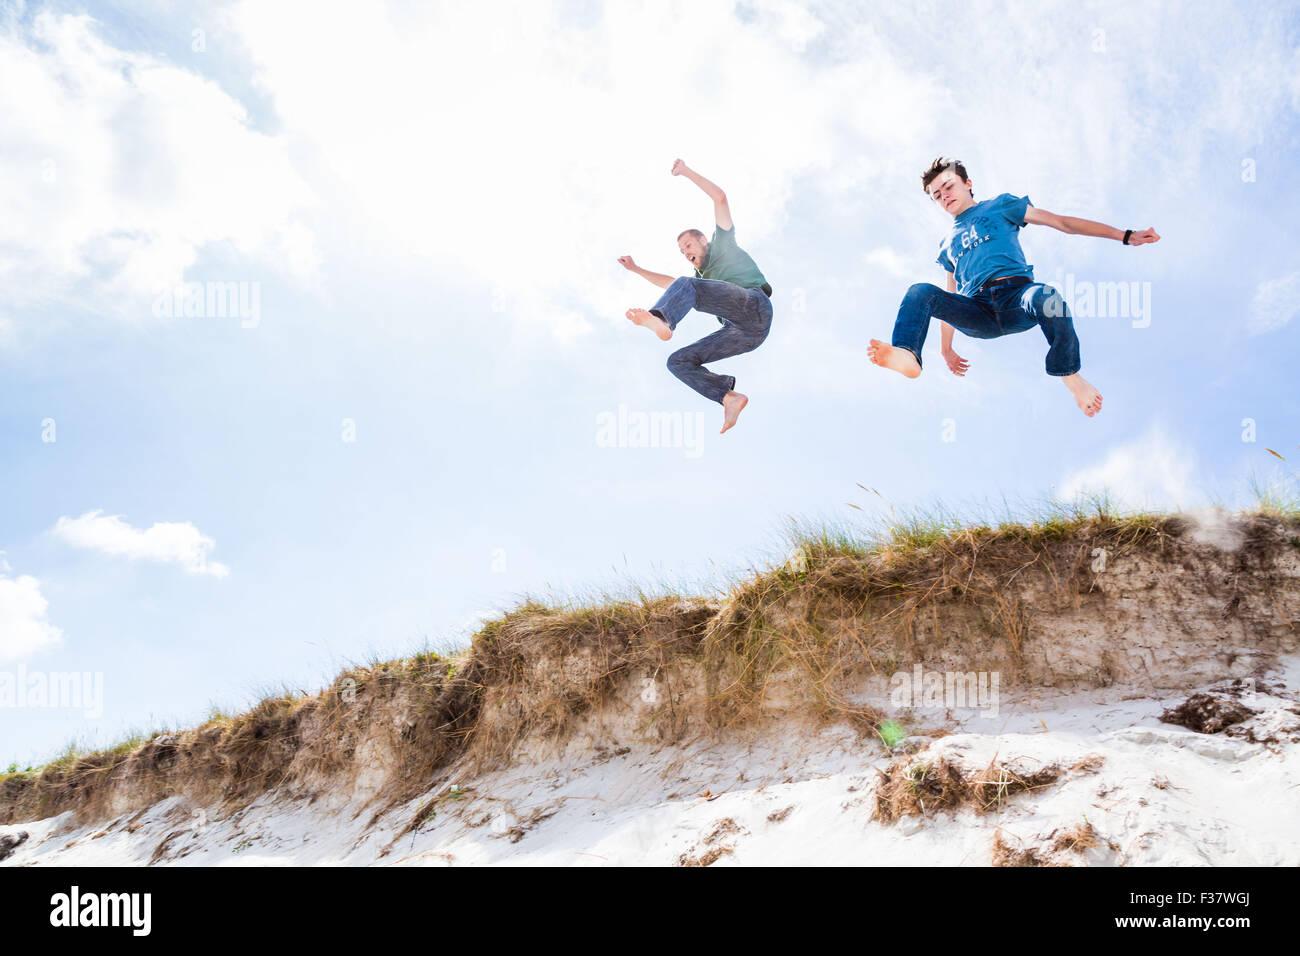 Salto di dune. Immagini Stock